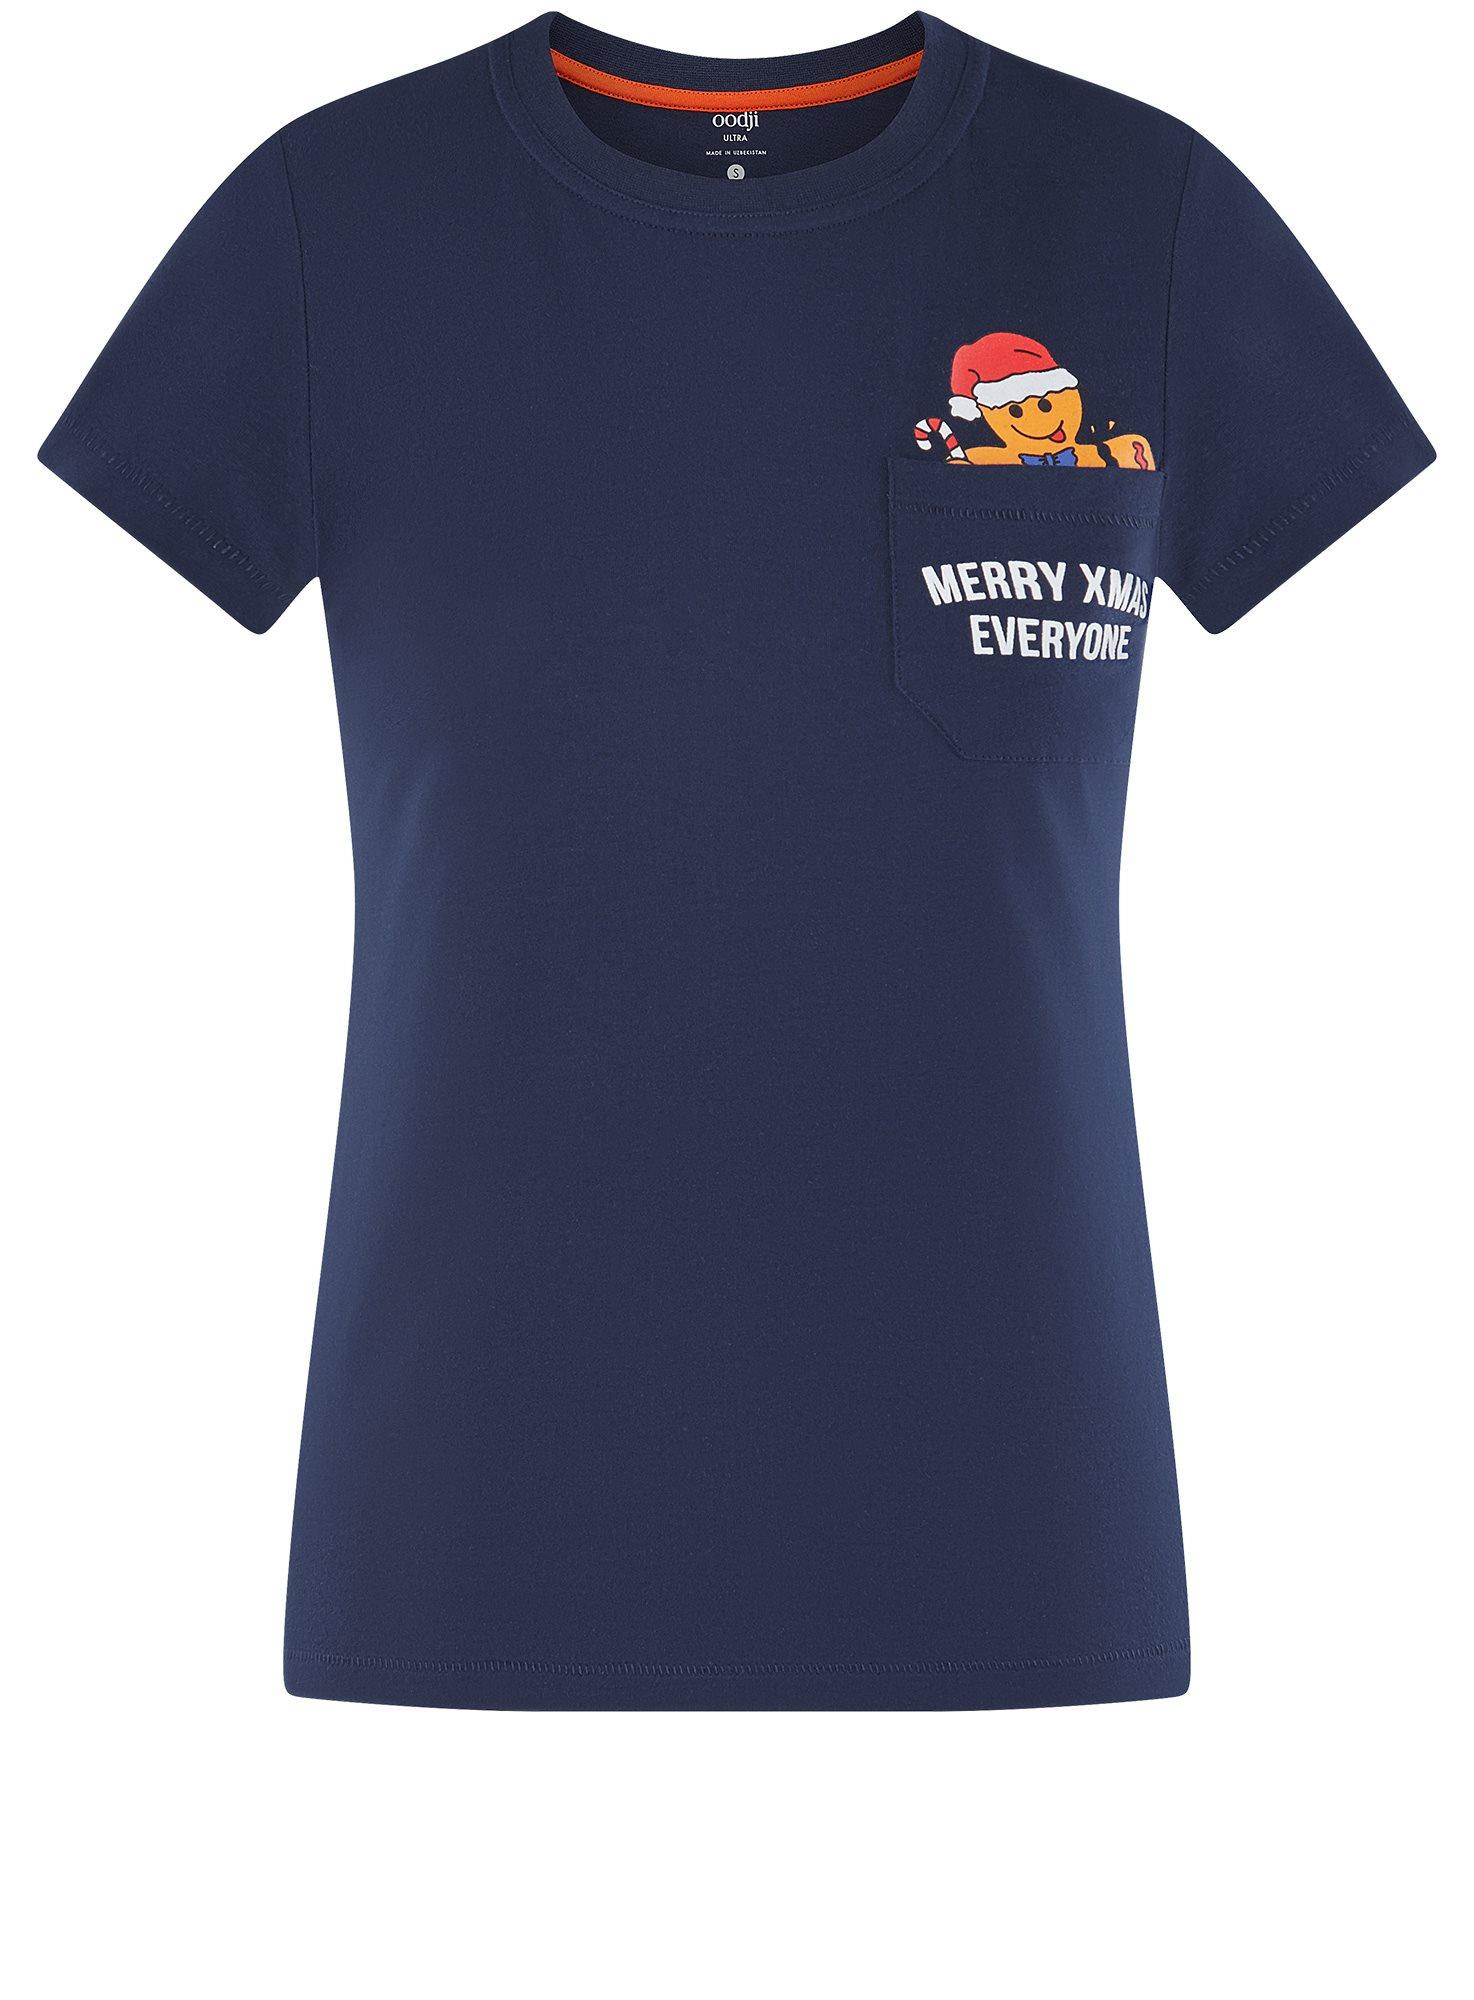 Футболка хлопковая с карманом на груди oodji для женщины (синий), 14701078-6/48369/7919P